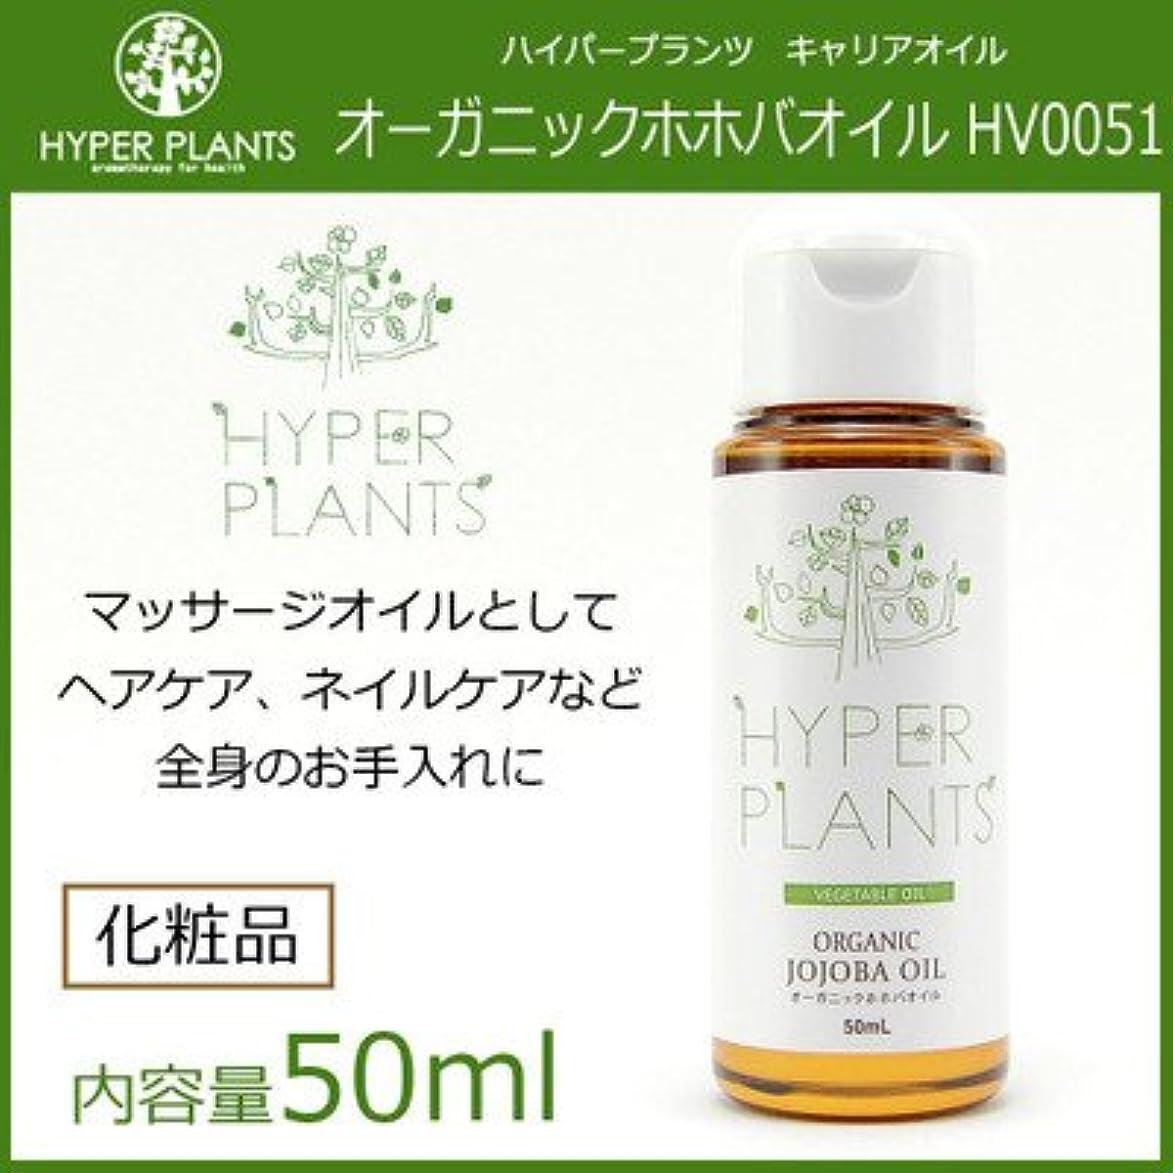 天然植物原料100%使用 肌なじみが良い定番オイル HYPER PLANTS ハイパープランツ キャリアオイル オーガニックホホバオイル 50ml HV0051